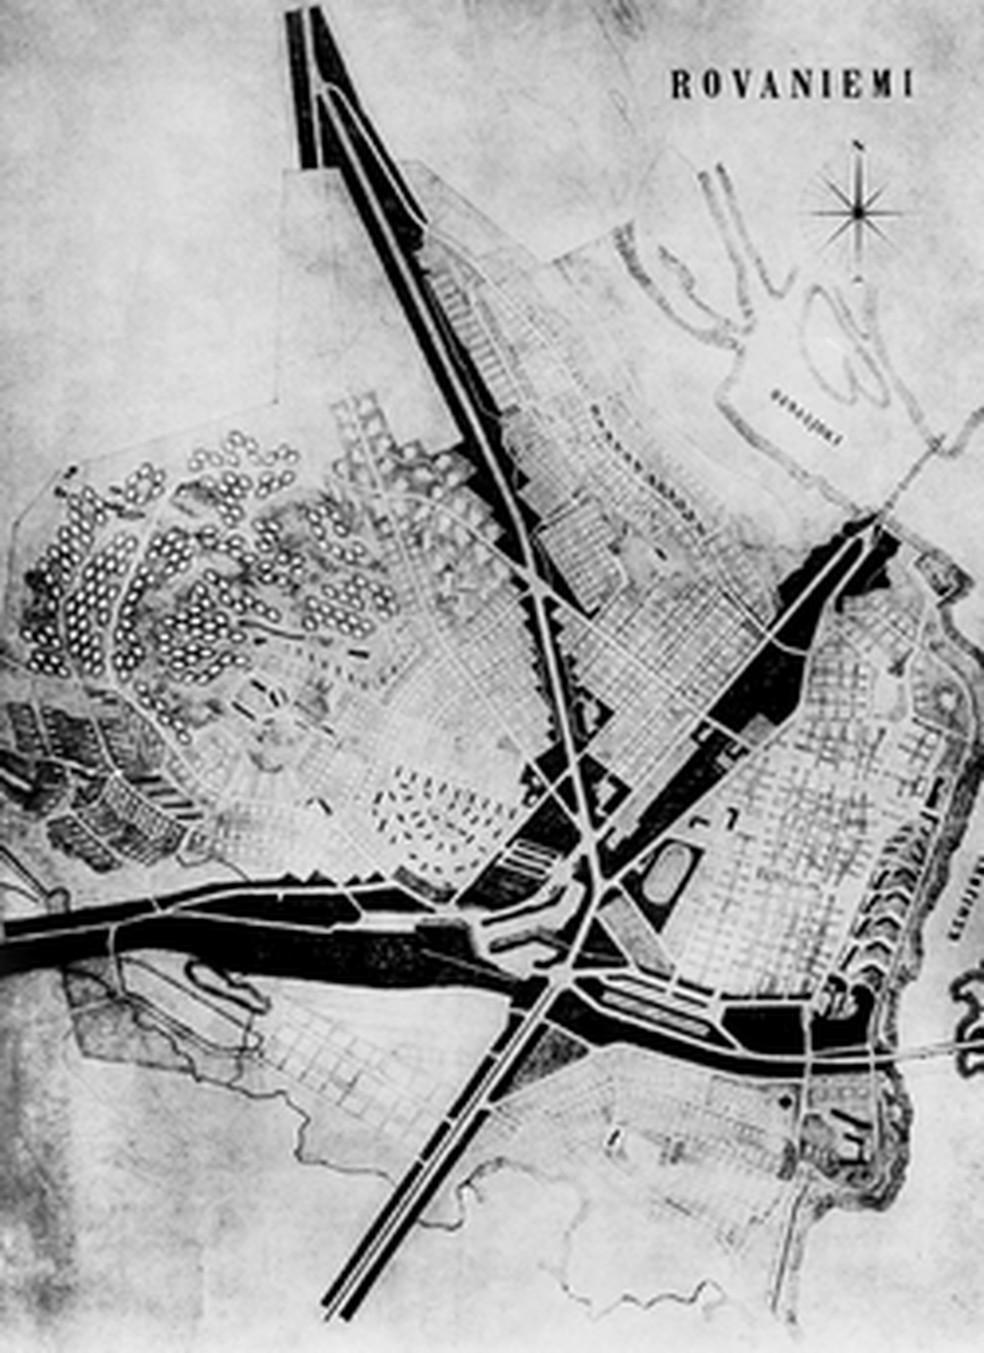 Plano urbanístico da cidade, visto de cima, parece a cabeça de uma rena — Foto: Divulgação